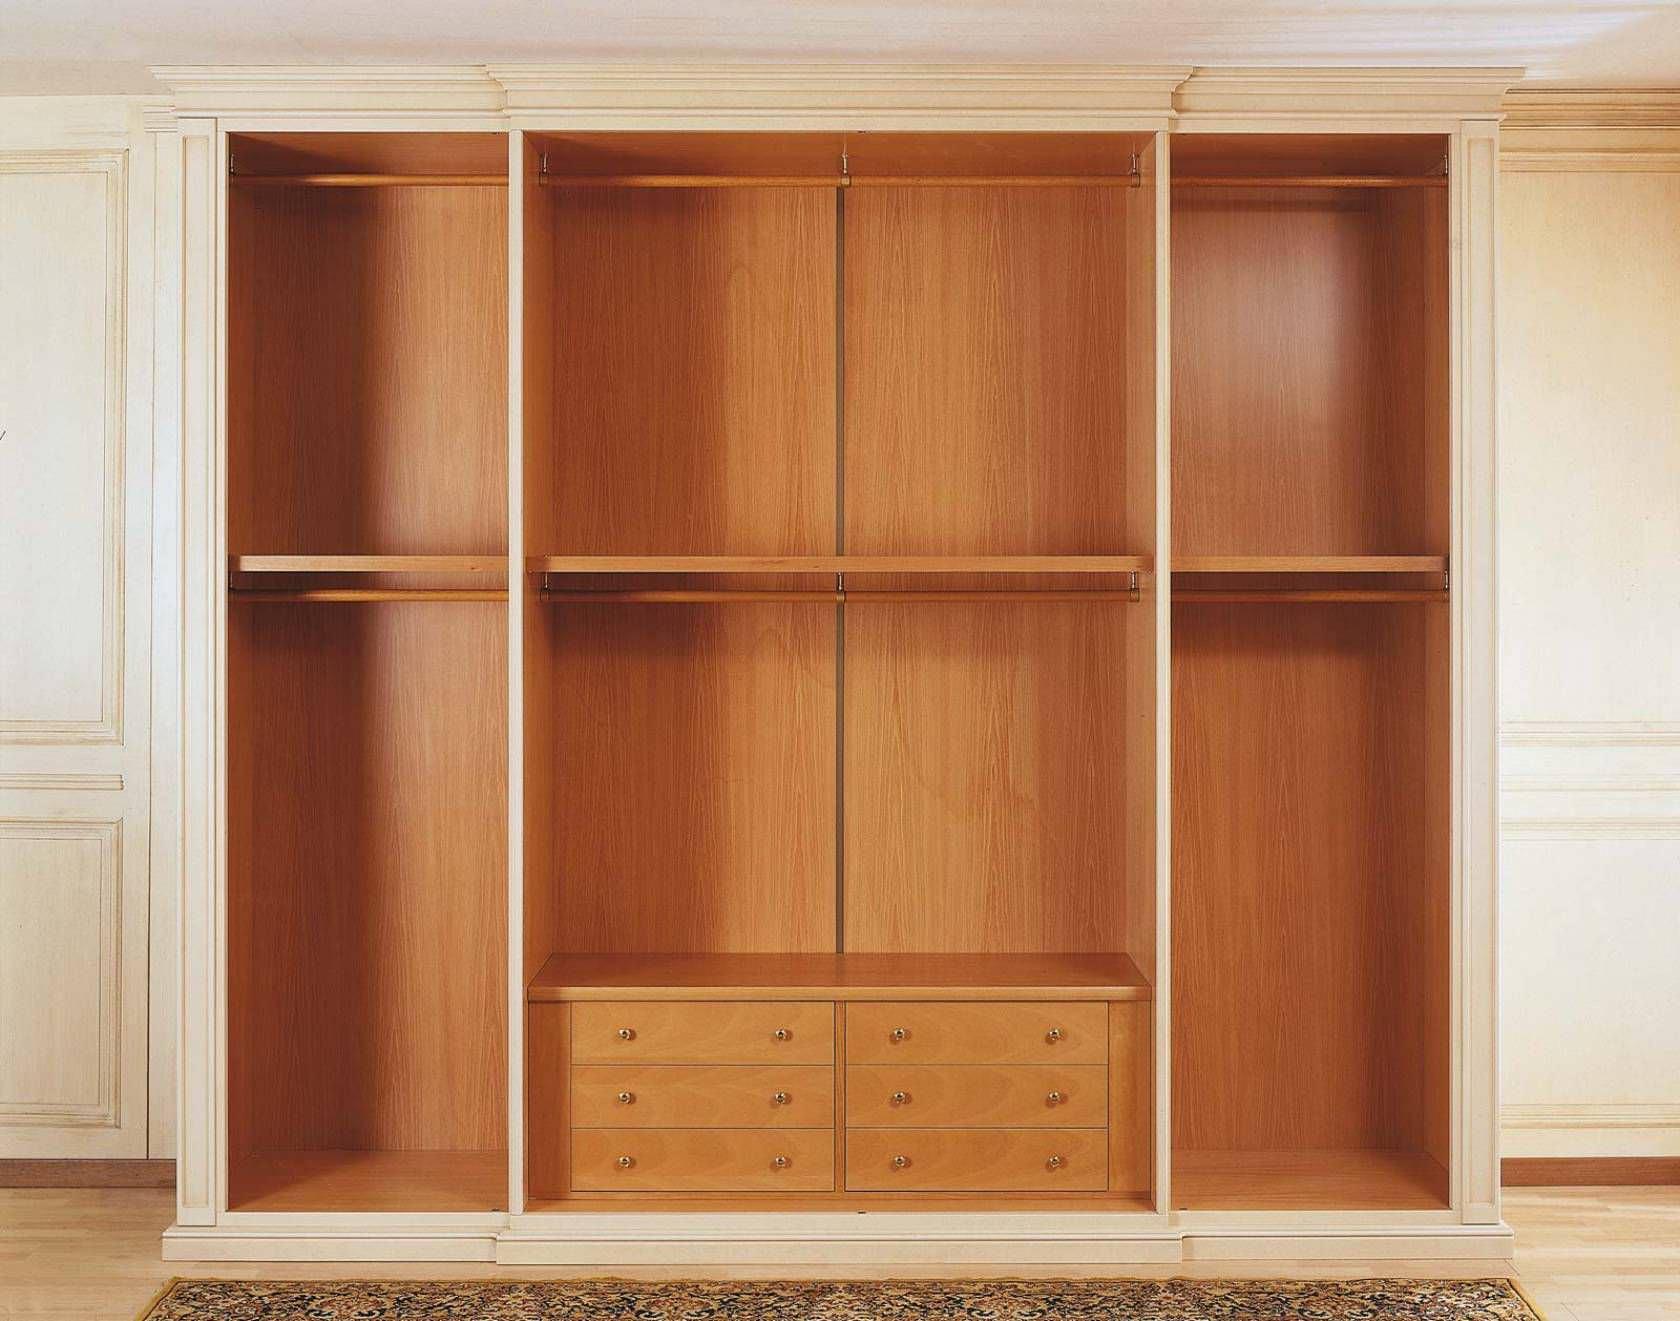 Les Armoires En Bois pour armoire classique / en bois / en bois laqué / à porte battante